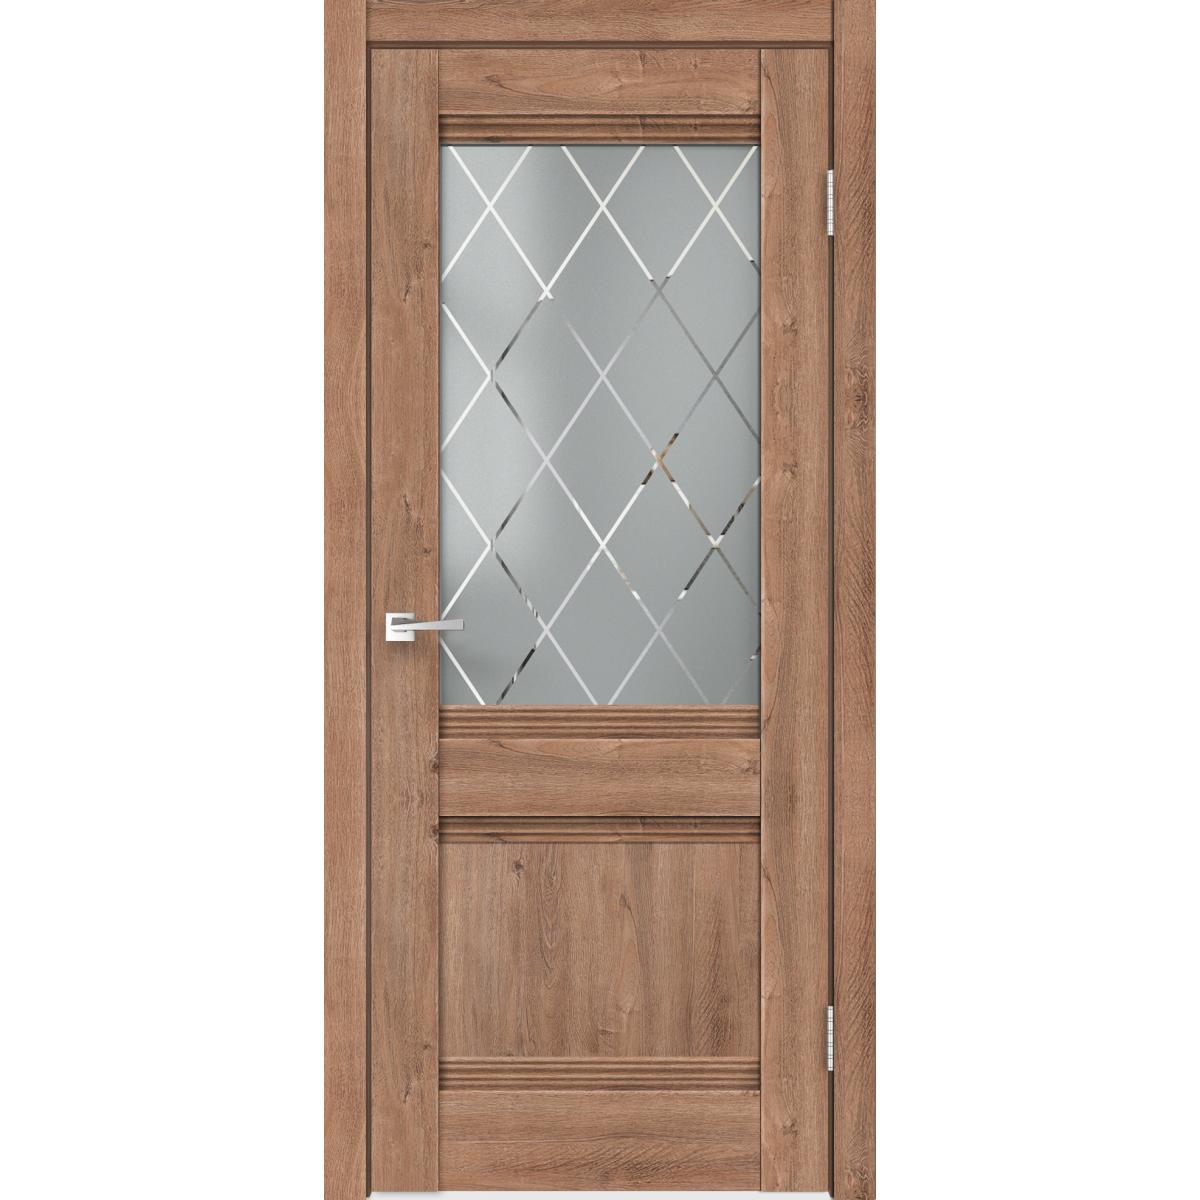 Дверь межкомнатная остеклённая с замком и петлями в комплекте «Тоскана» 60x200 см цвет дуб бельмонт